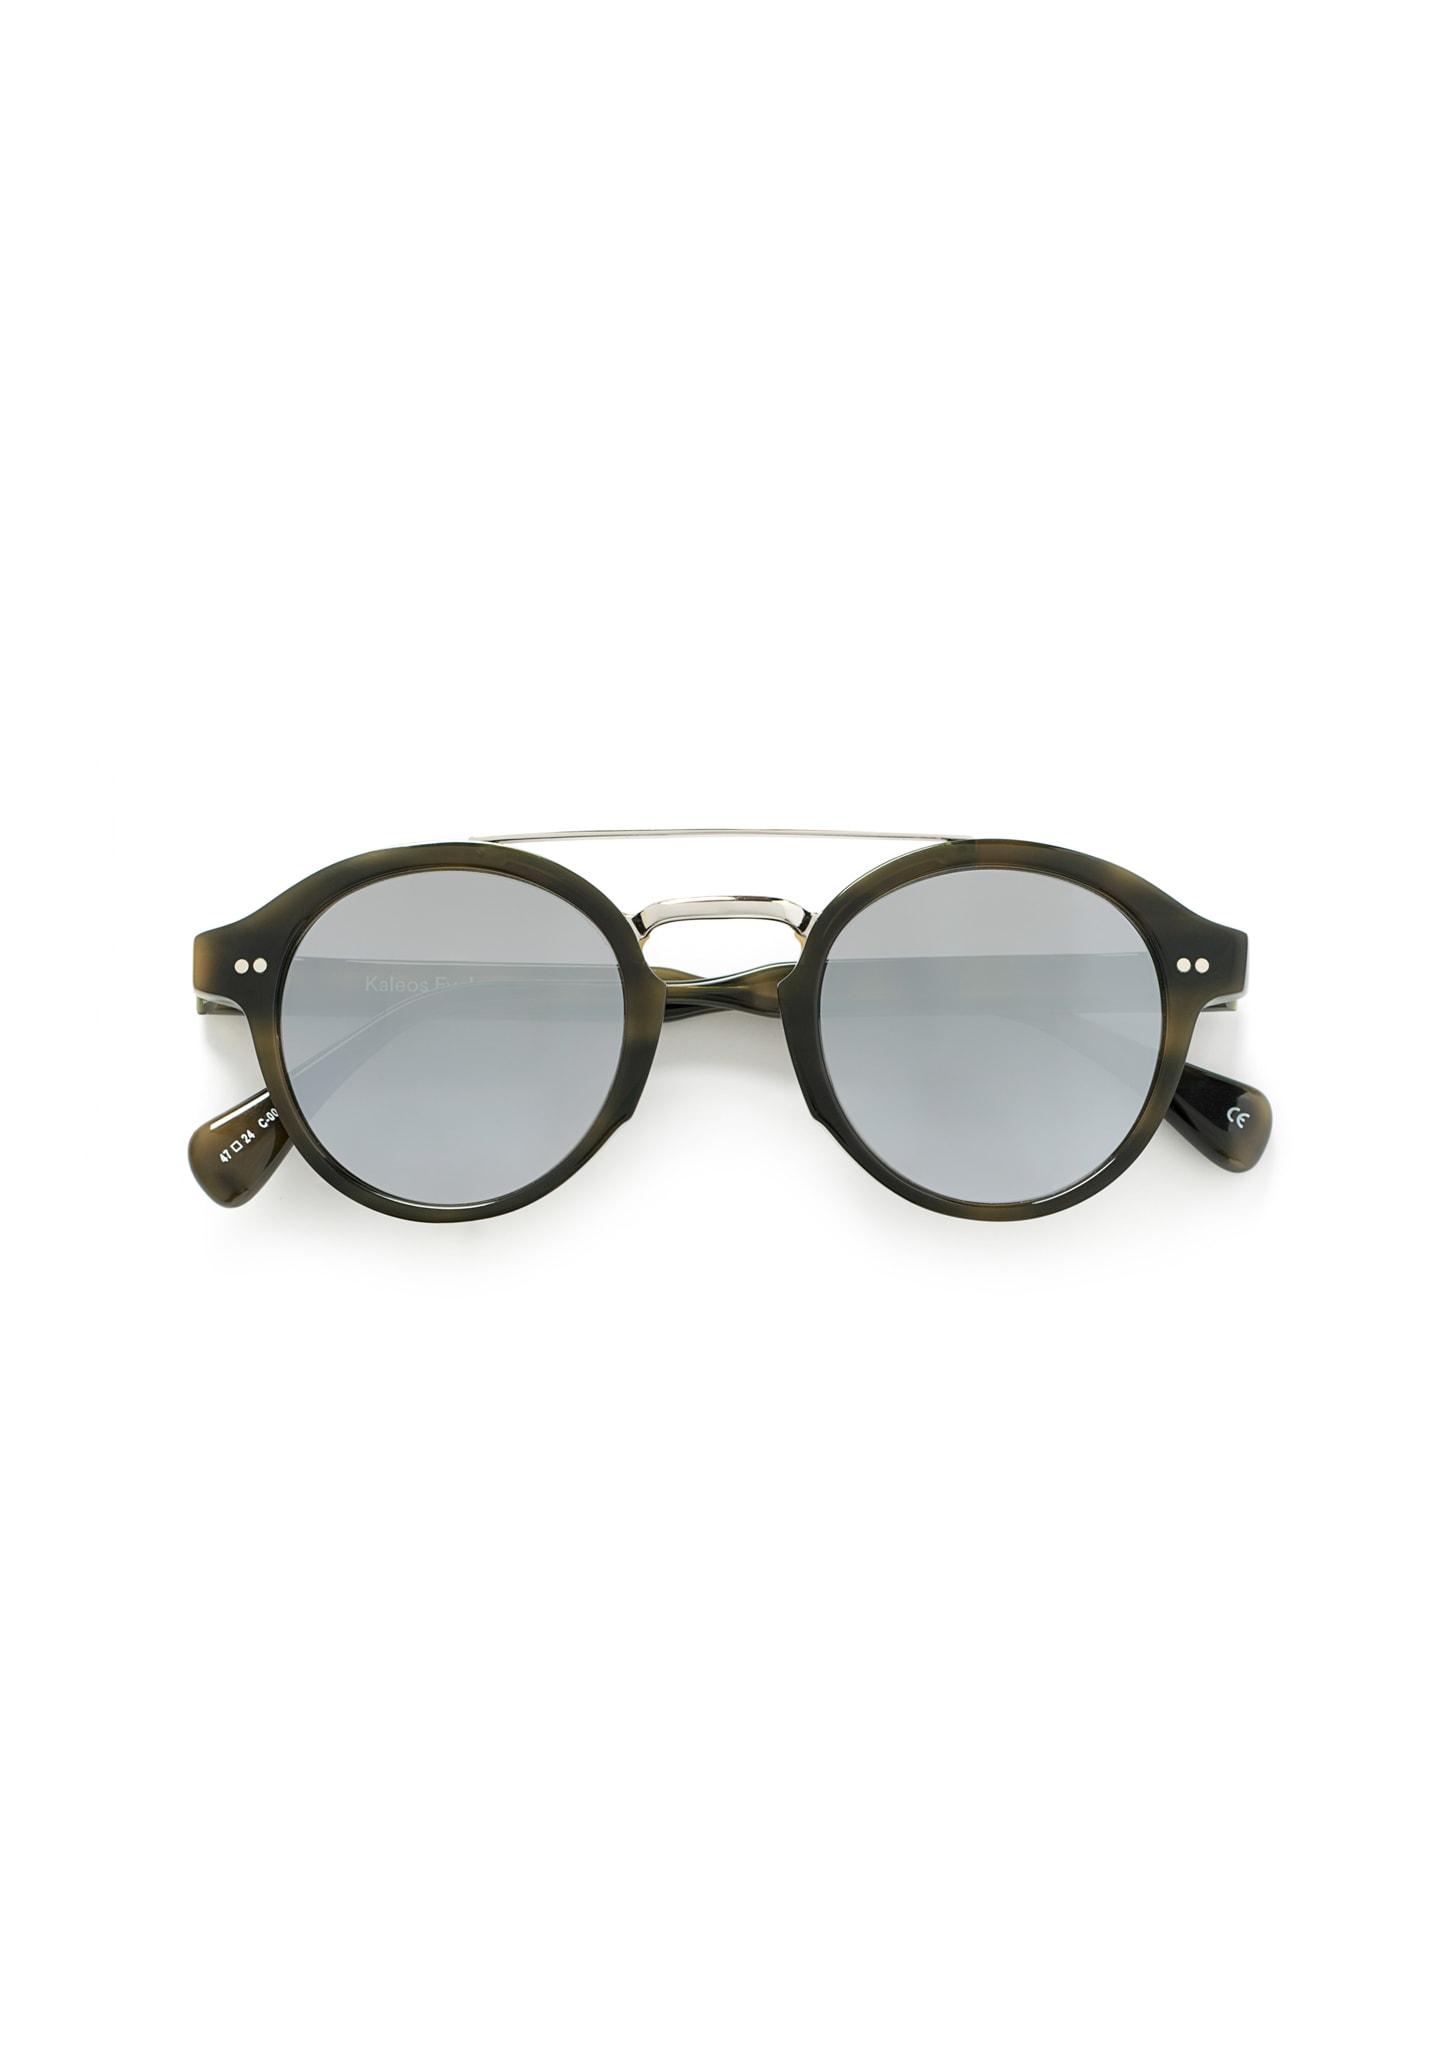 Gafas Gage Color 4